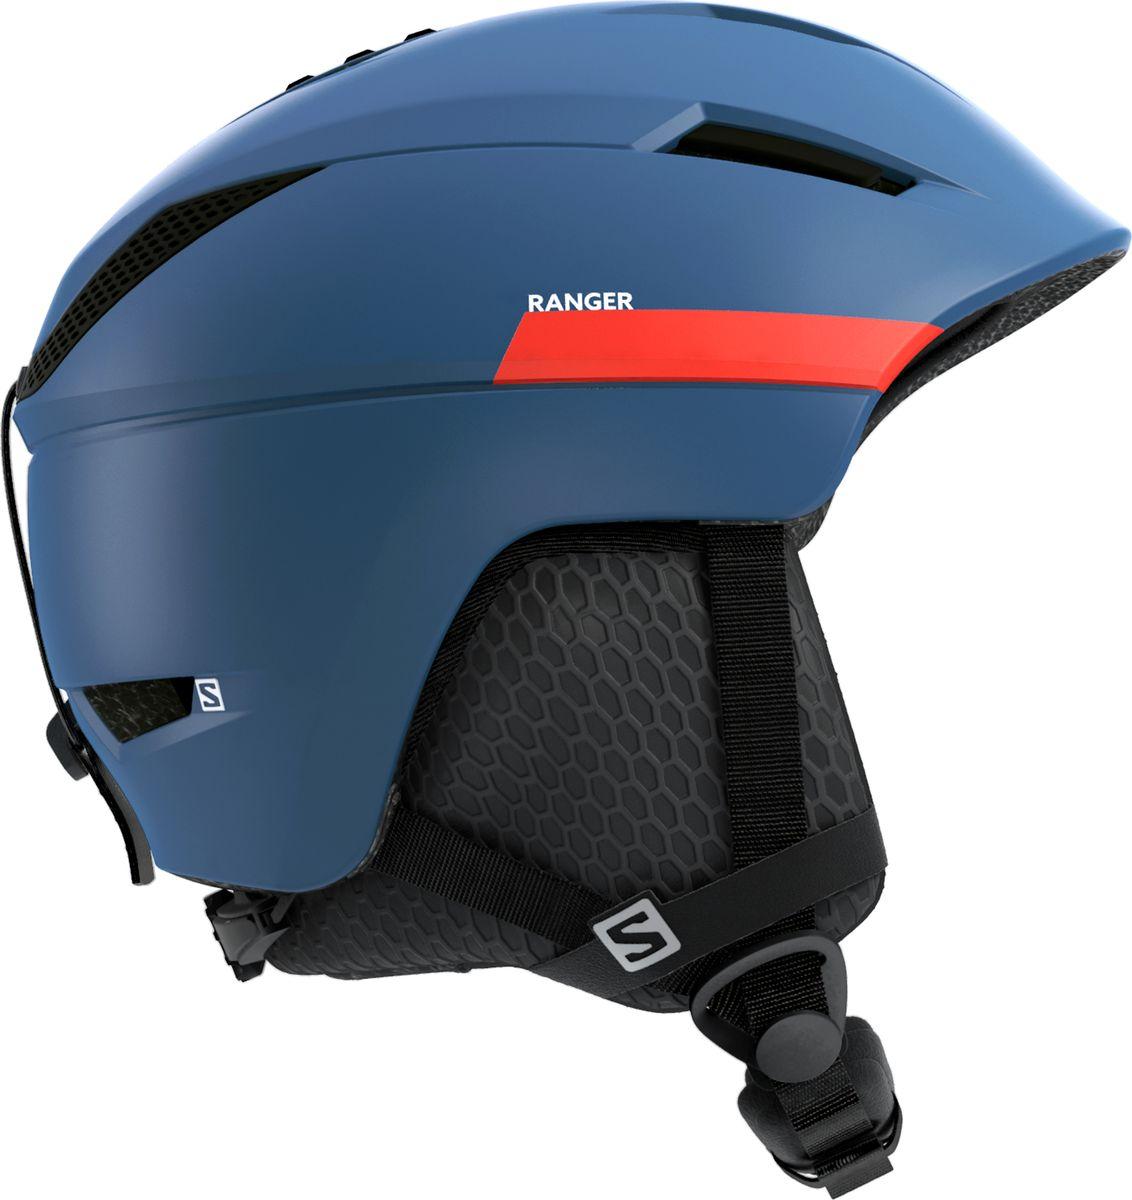 Шлем горнолыжный Salomon Ranger2, цвет: синий. Размер M (56-59)